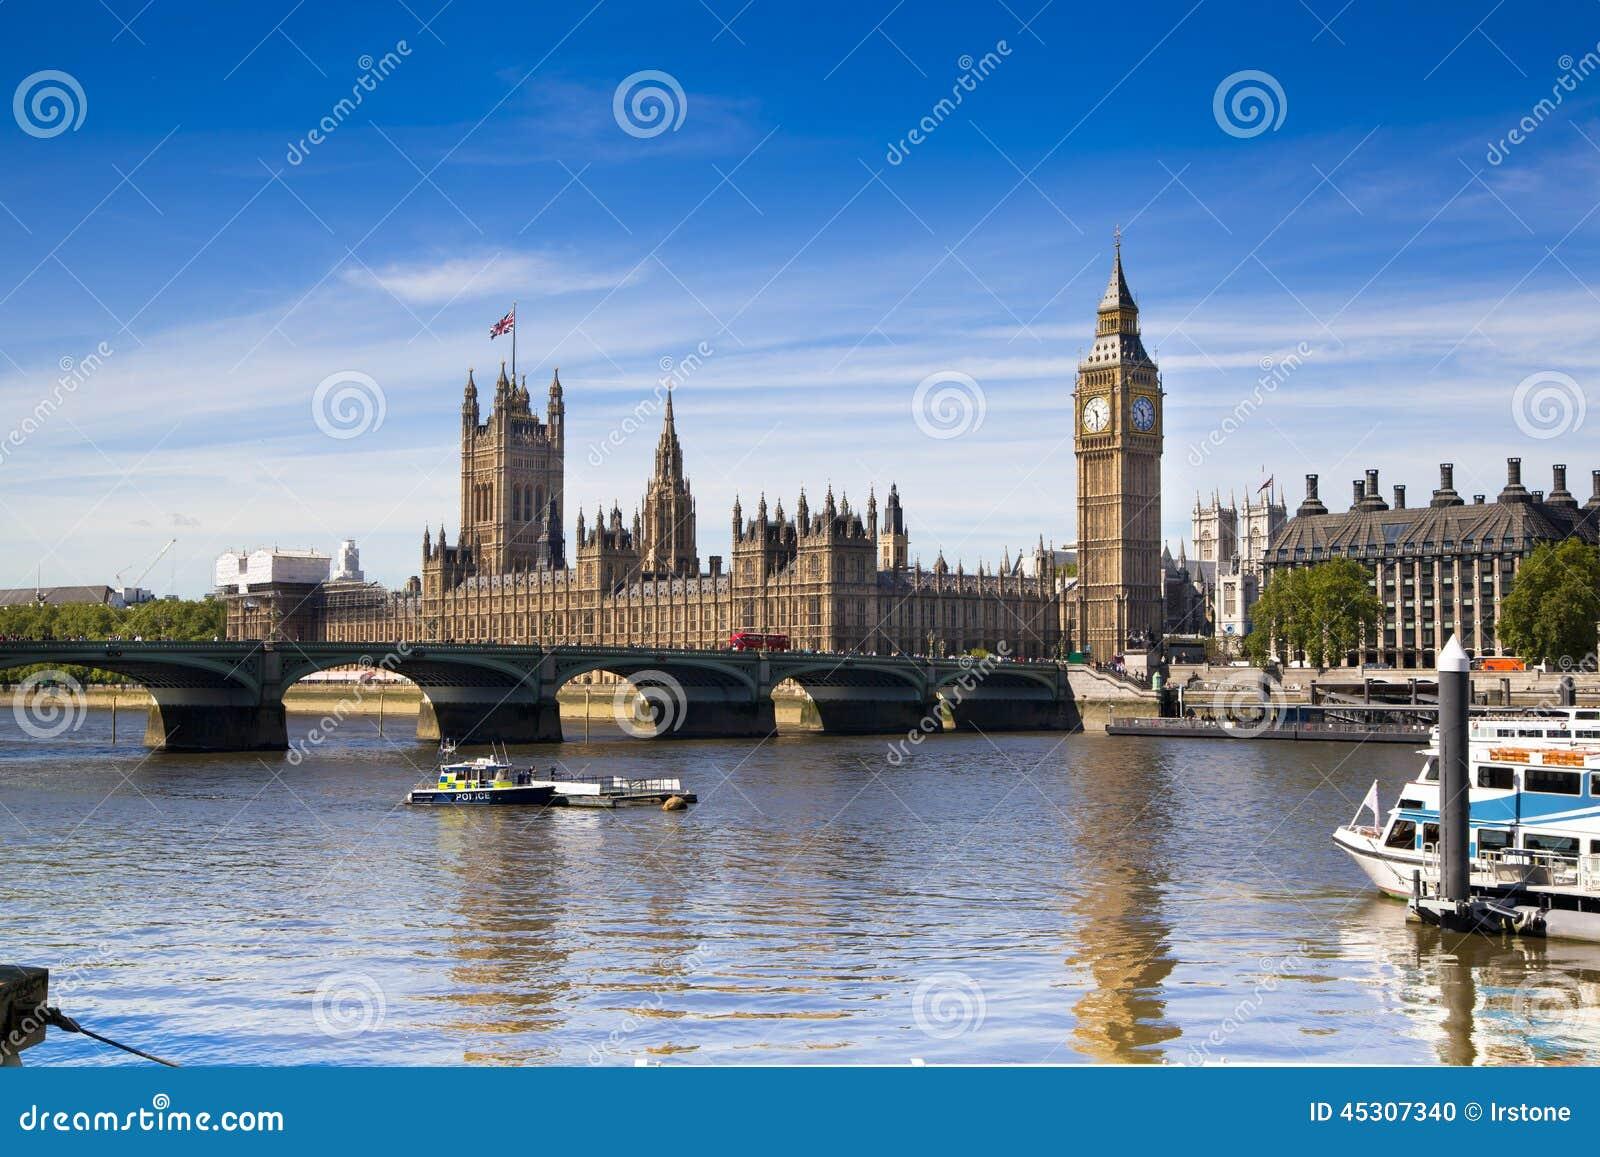 Londra il regno unito 24 giugno 2014 big ben e camere for Camere parlamento